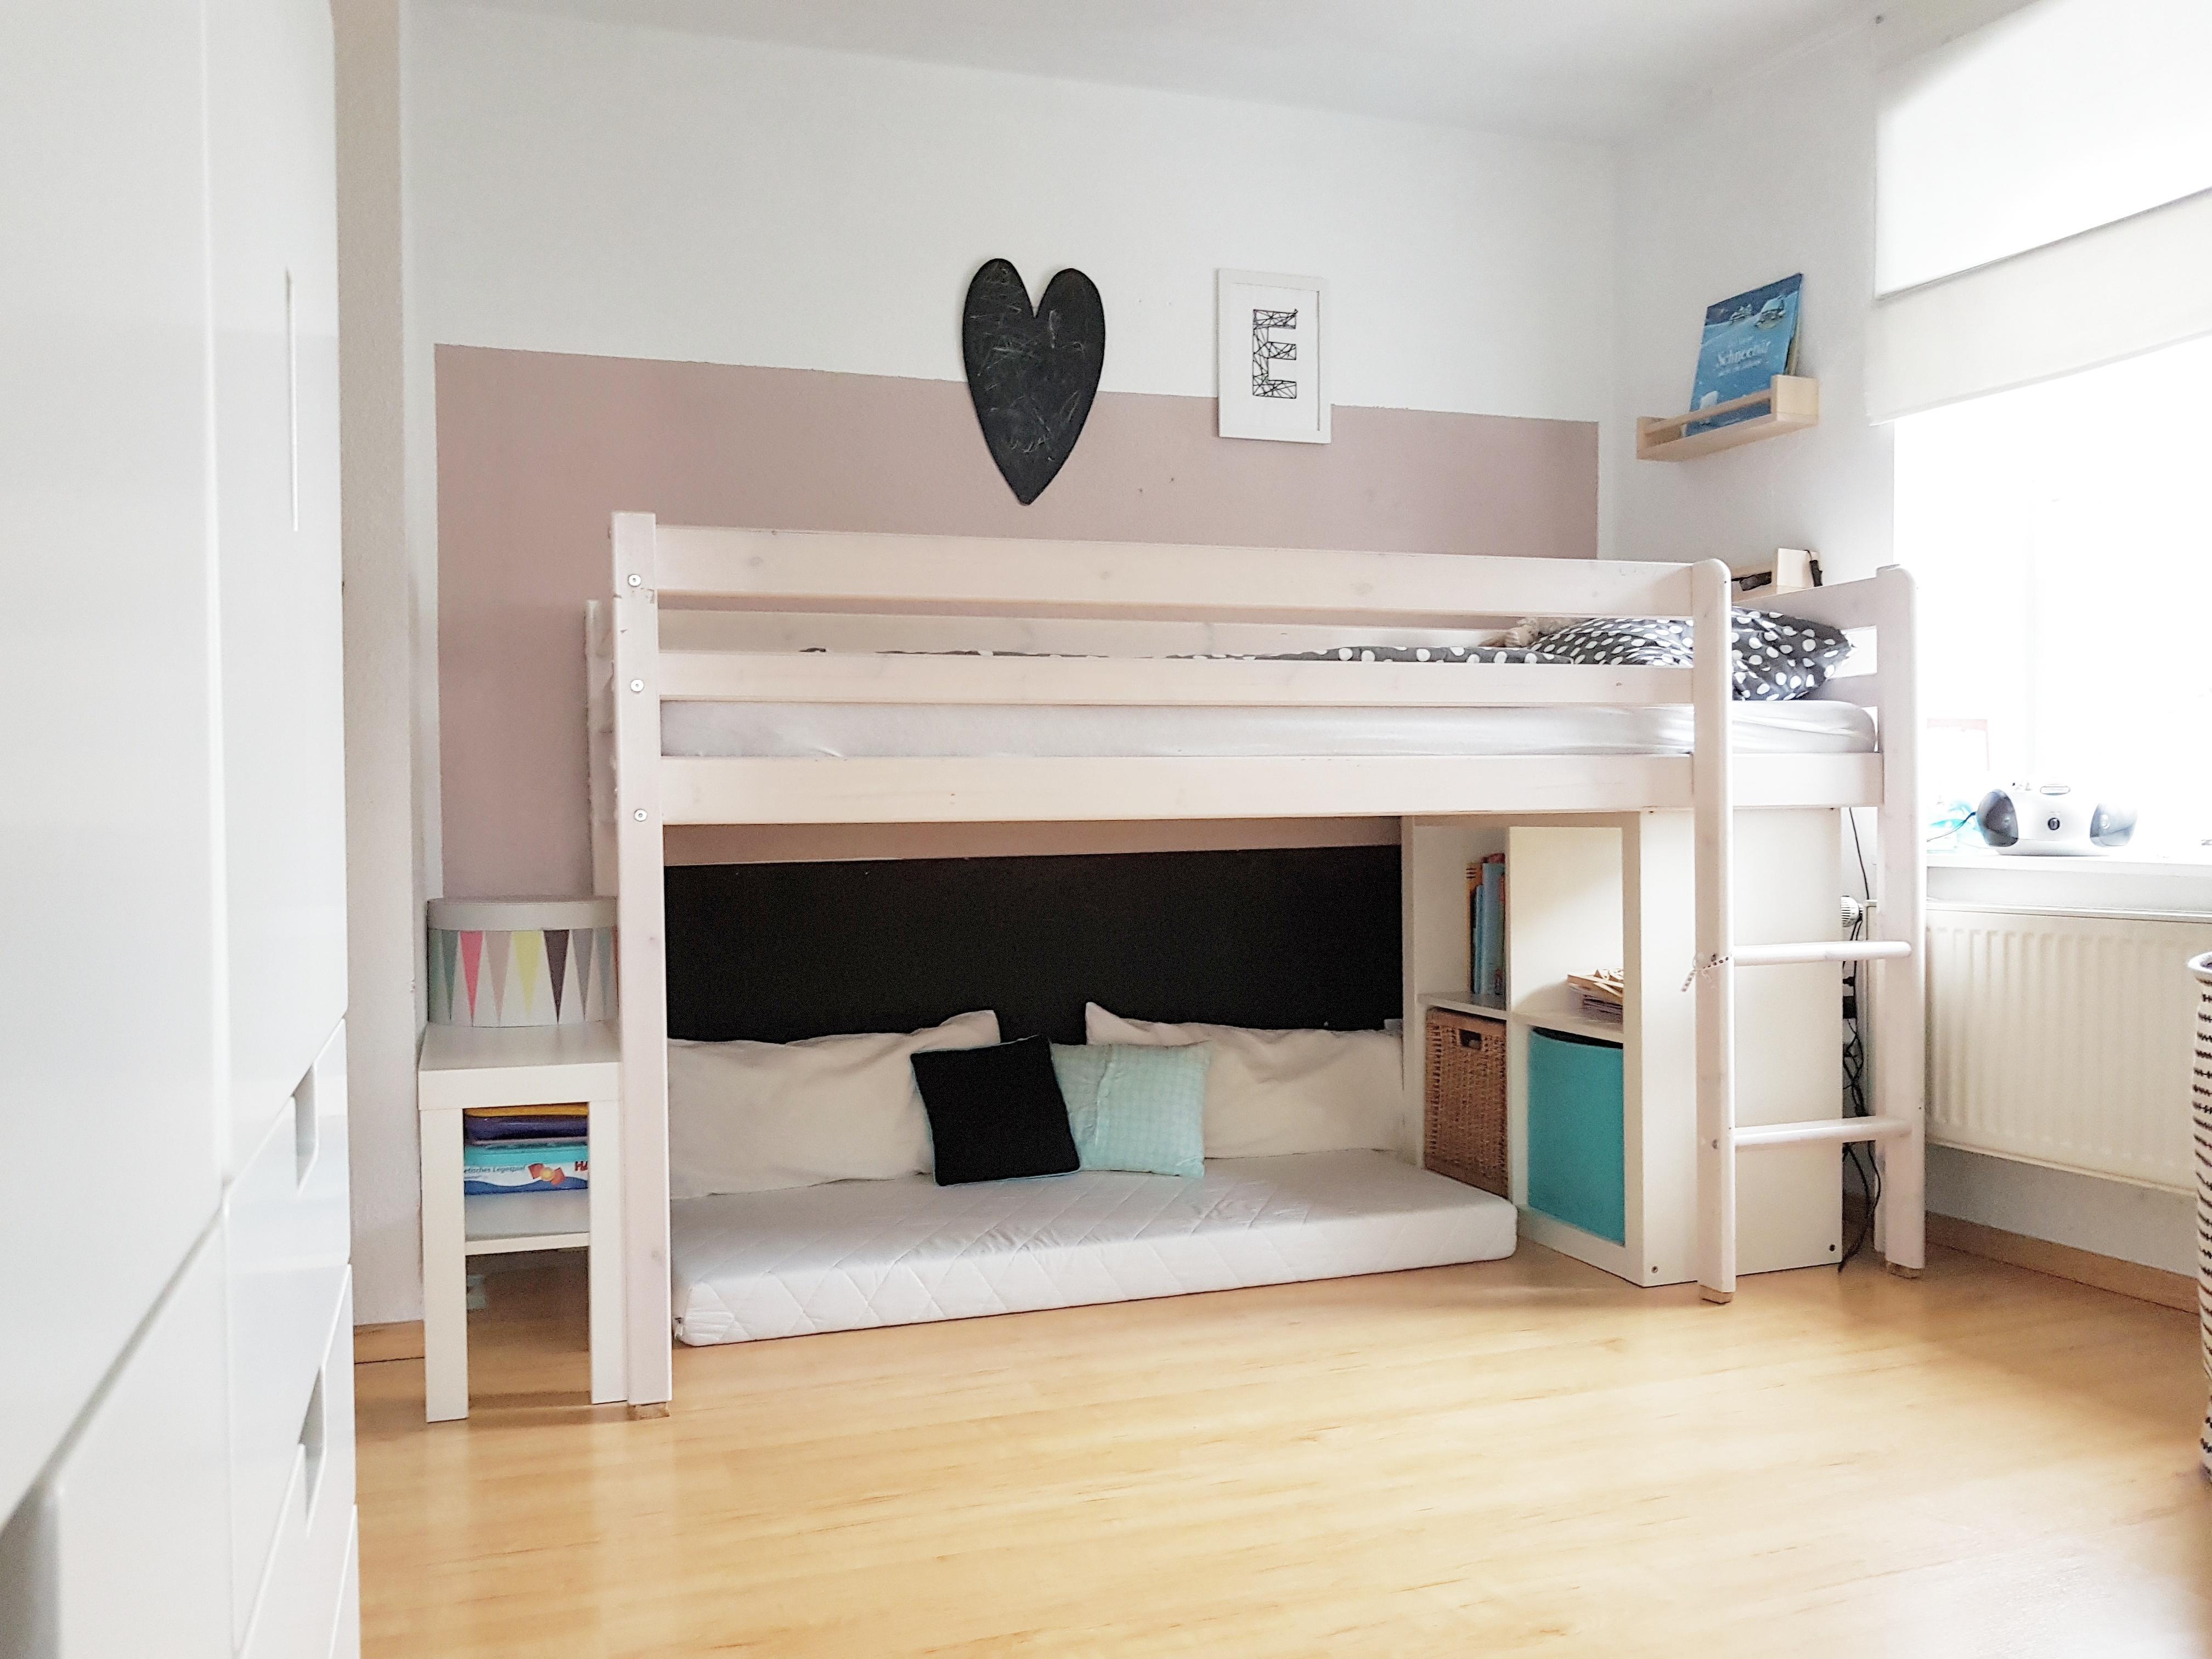 Kinderzimmer bilder ideen couchstyle for Einrichtungstipps kinderzimmer